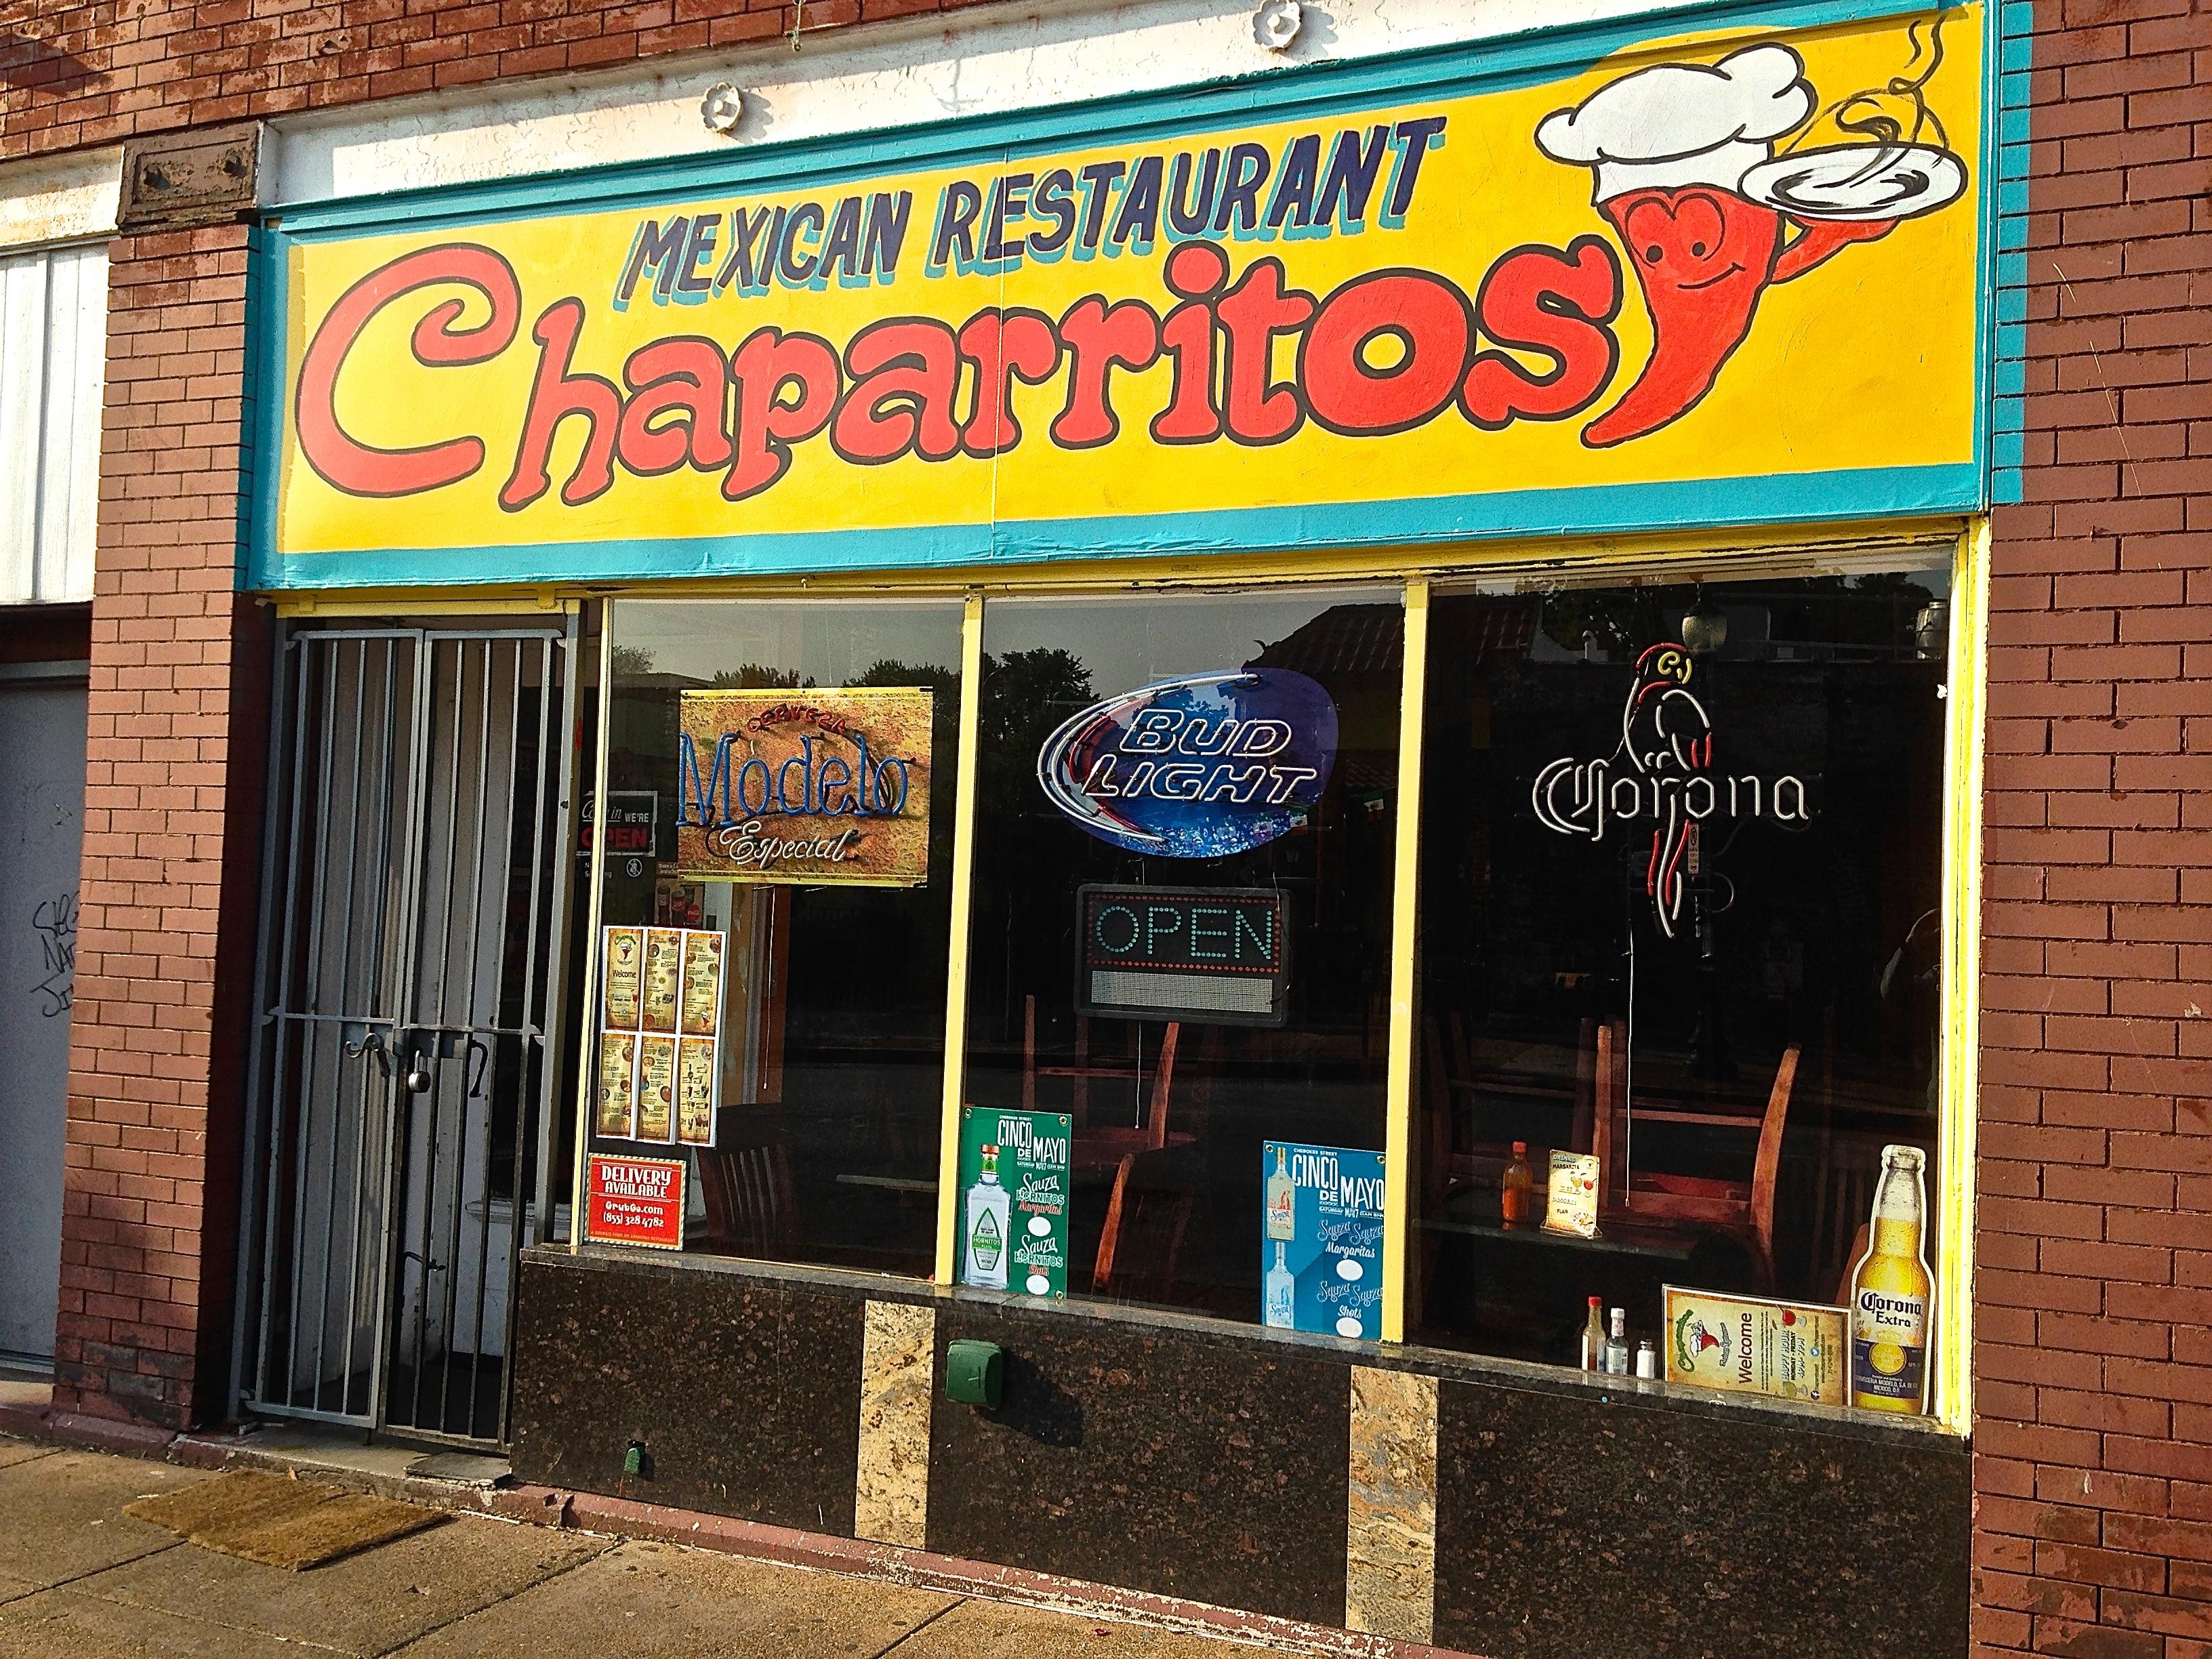 Chaparritos